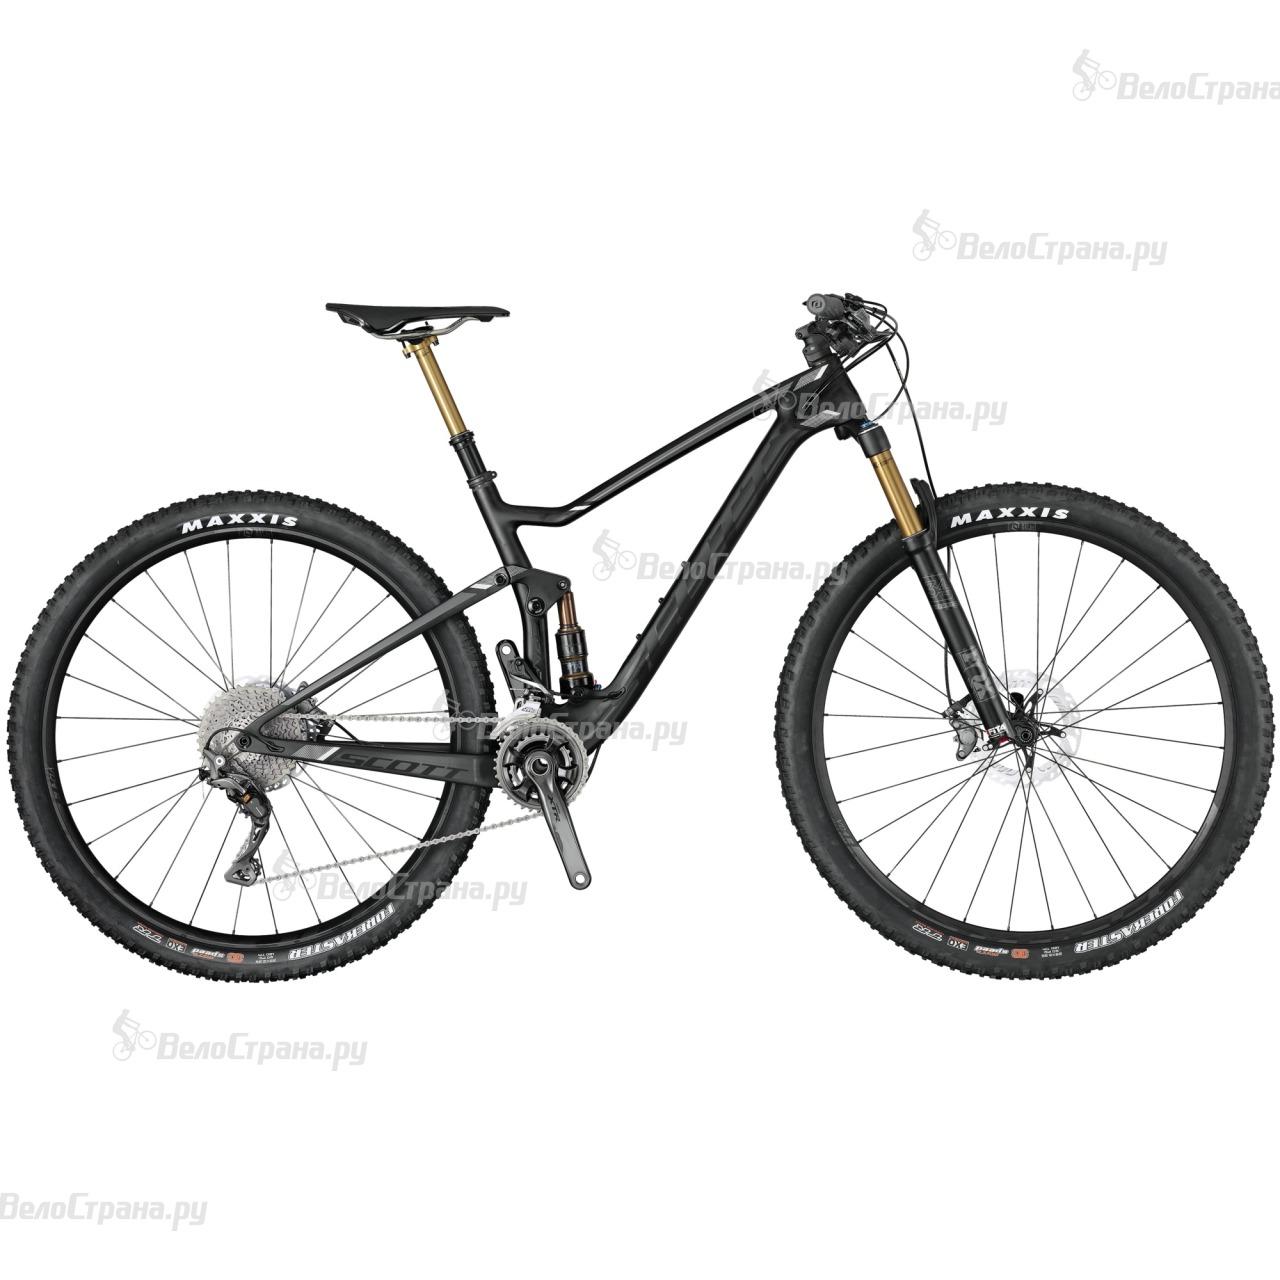 Велосипед Scott Spark 700 Premium (2017)